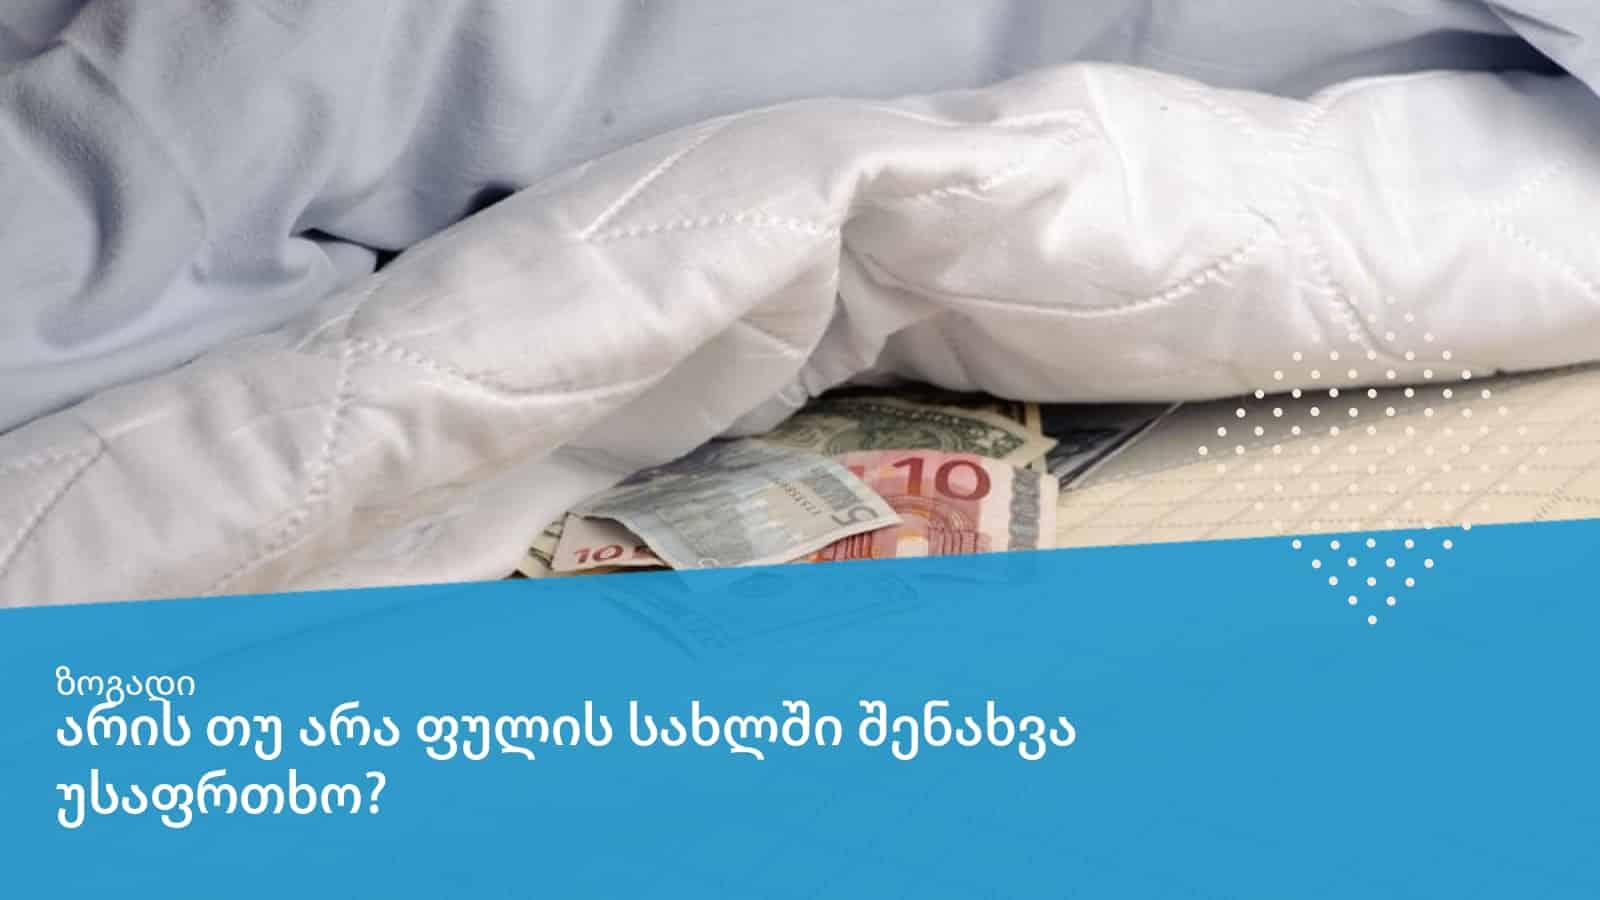 როცა ფულის დაზოგვა გვინდა, რა სჯობს - ფულის დაზოგვა? ფულის სახლში დაზოგვა თუ თანხის ანაბარზე შეტანა?